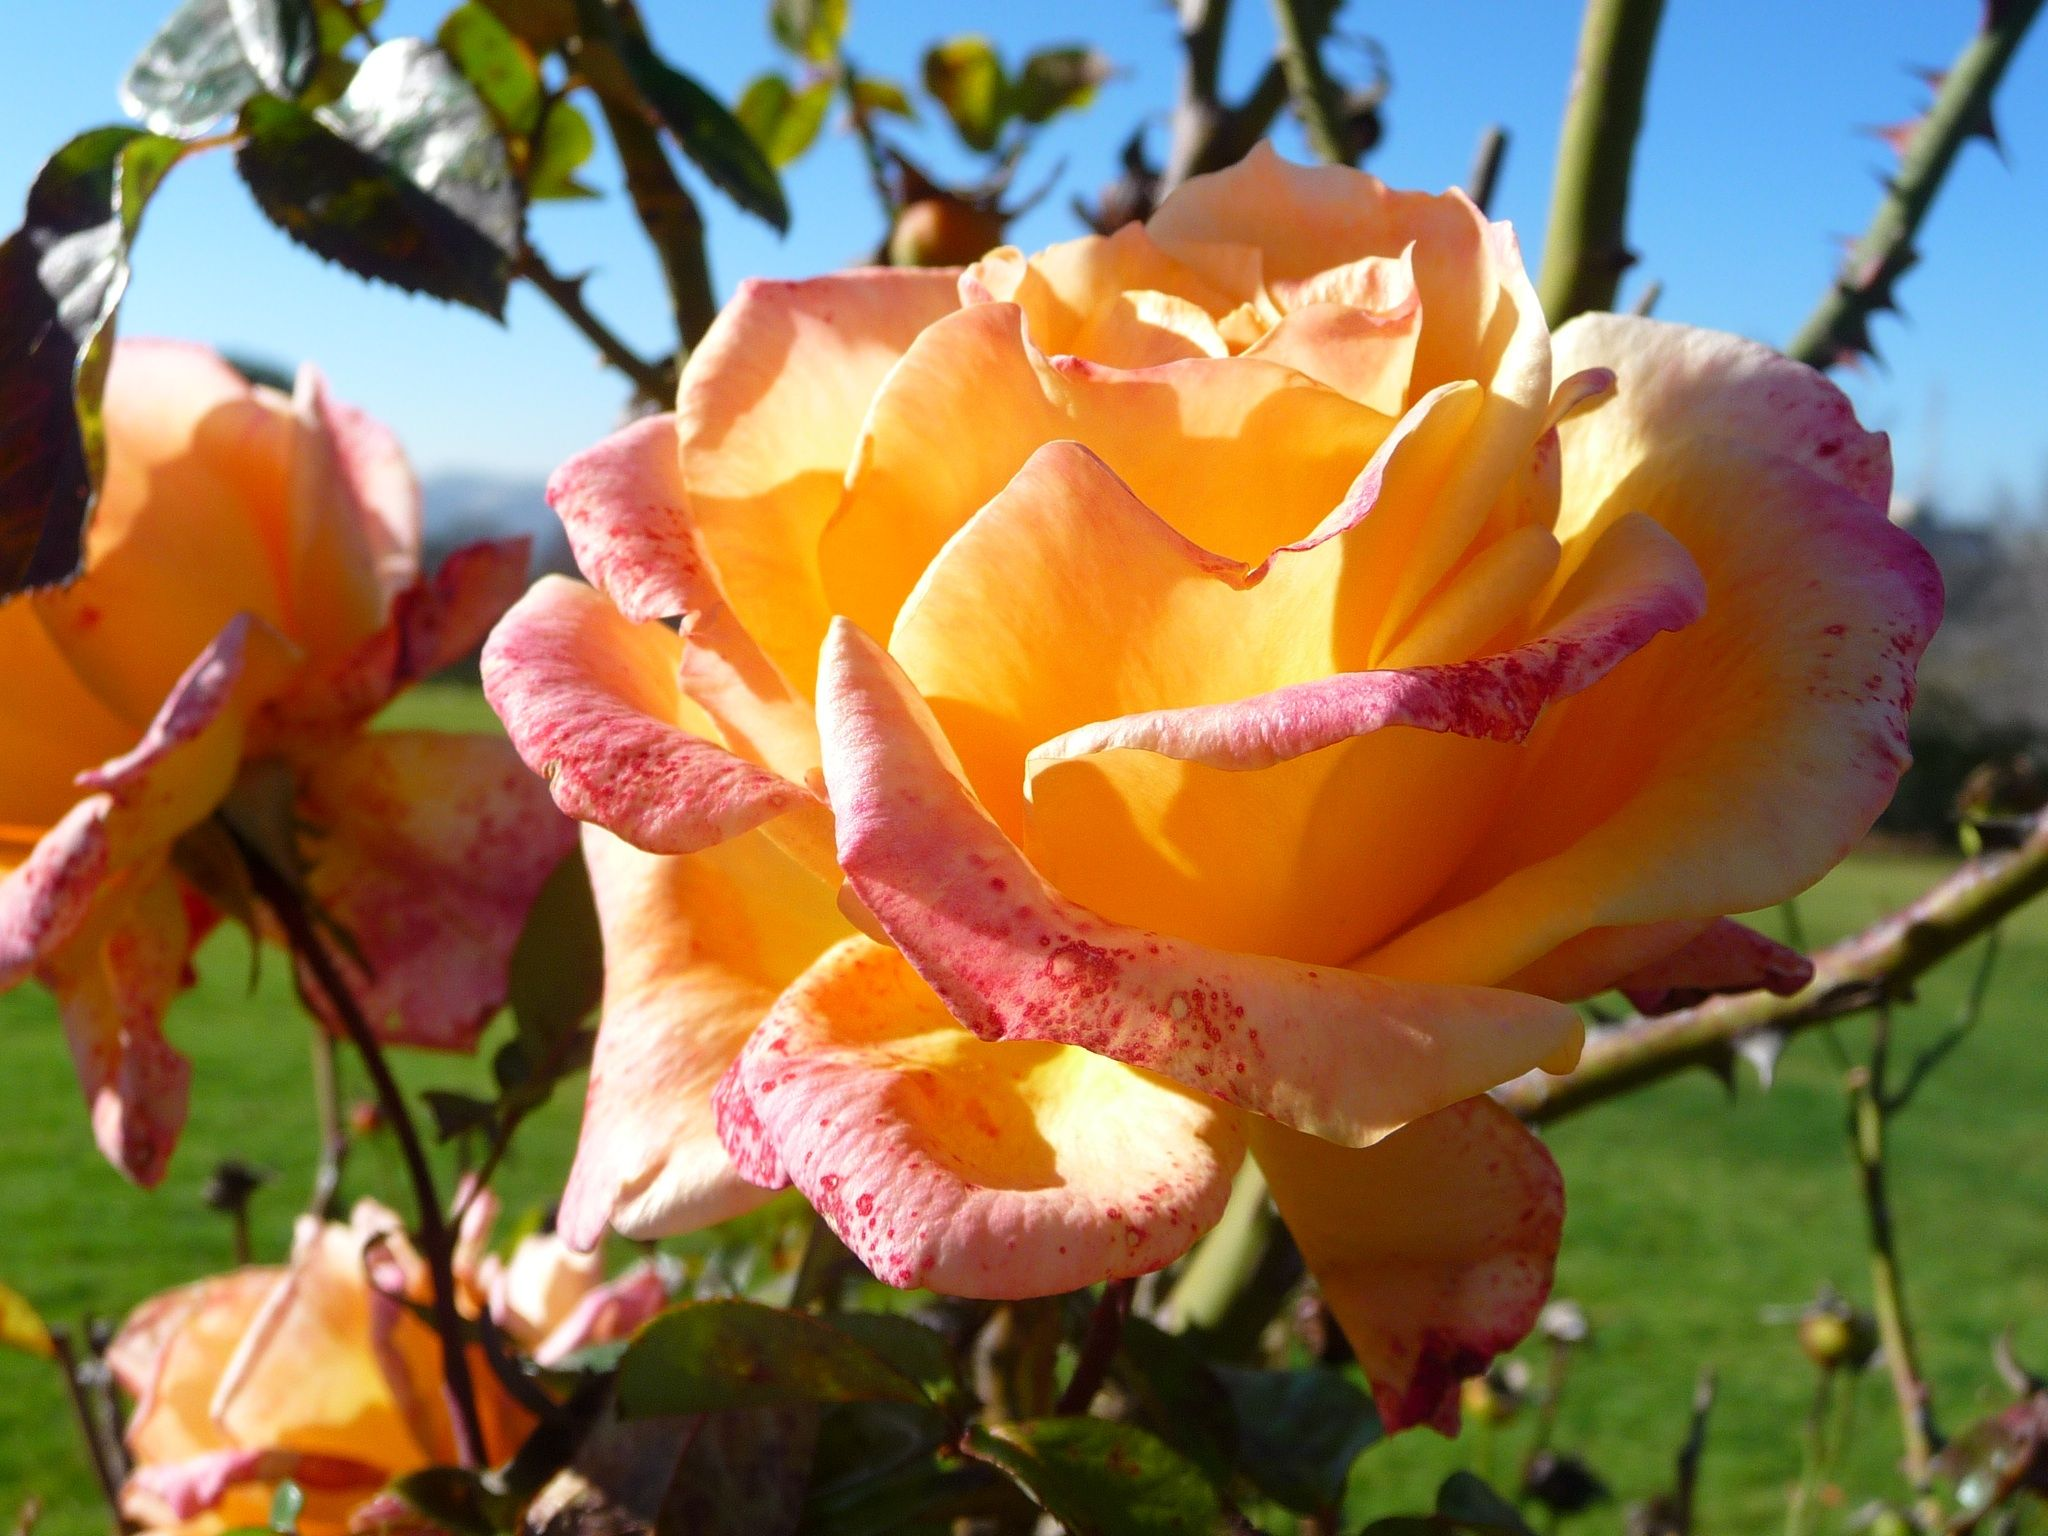 Gerusalemme Si Puo Visitare Il Meraviglioso Rose Garden Uno Dei Roseti Piu Belli Al Mondo Oltreogniaspettativa Roseto Gerusalemme Rose